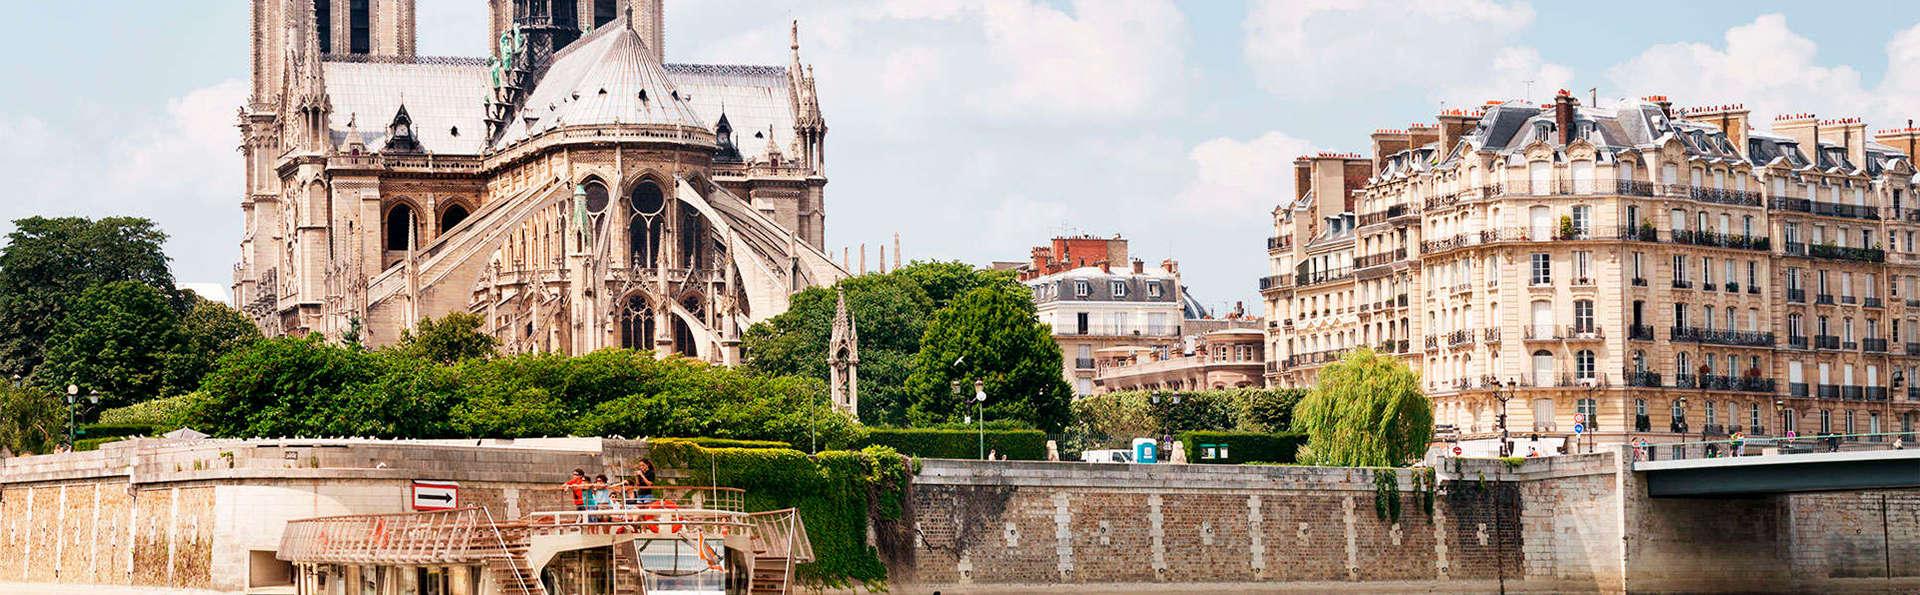 Paris à découvrir au fil de la Seine